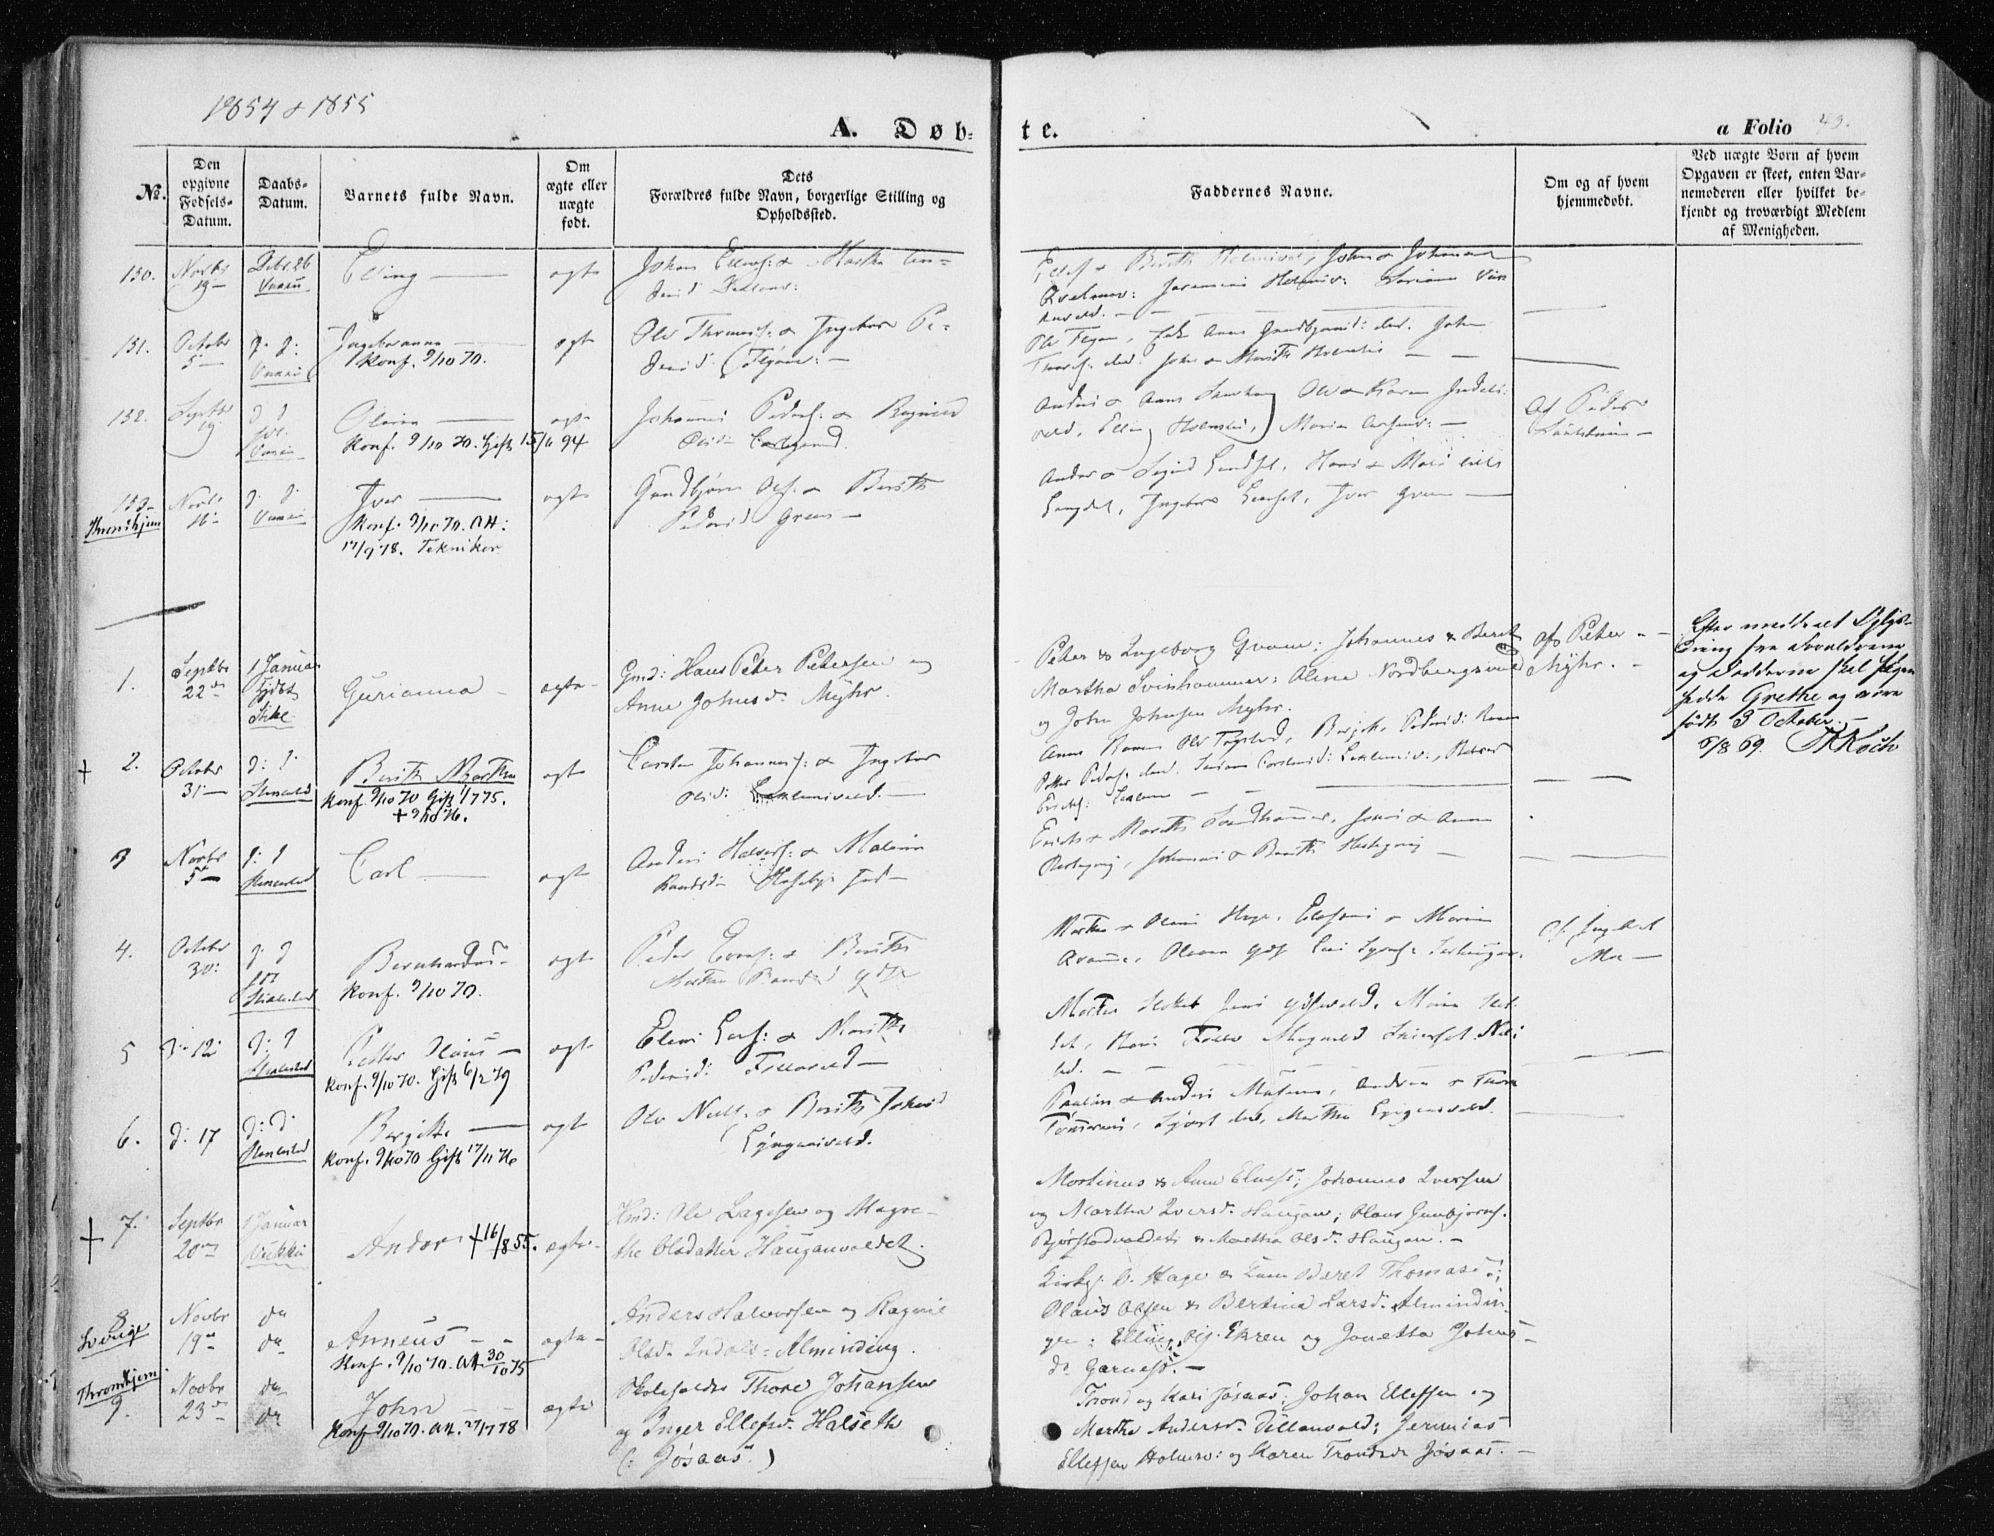 SAT, Ministerialprotokoller, klokkerbøker og fødselsregistre - Nord-Trøndelag, 723/L0240: Ministerialbok nr. 723A09, 1852-1860, s. 40